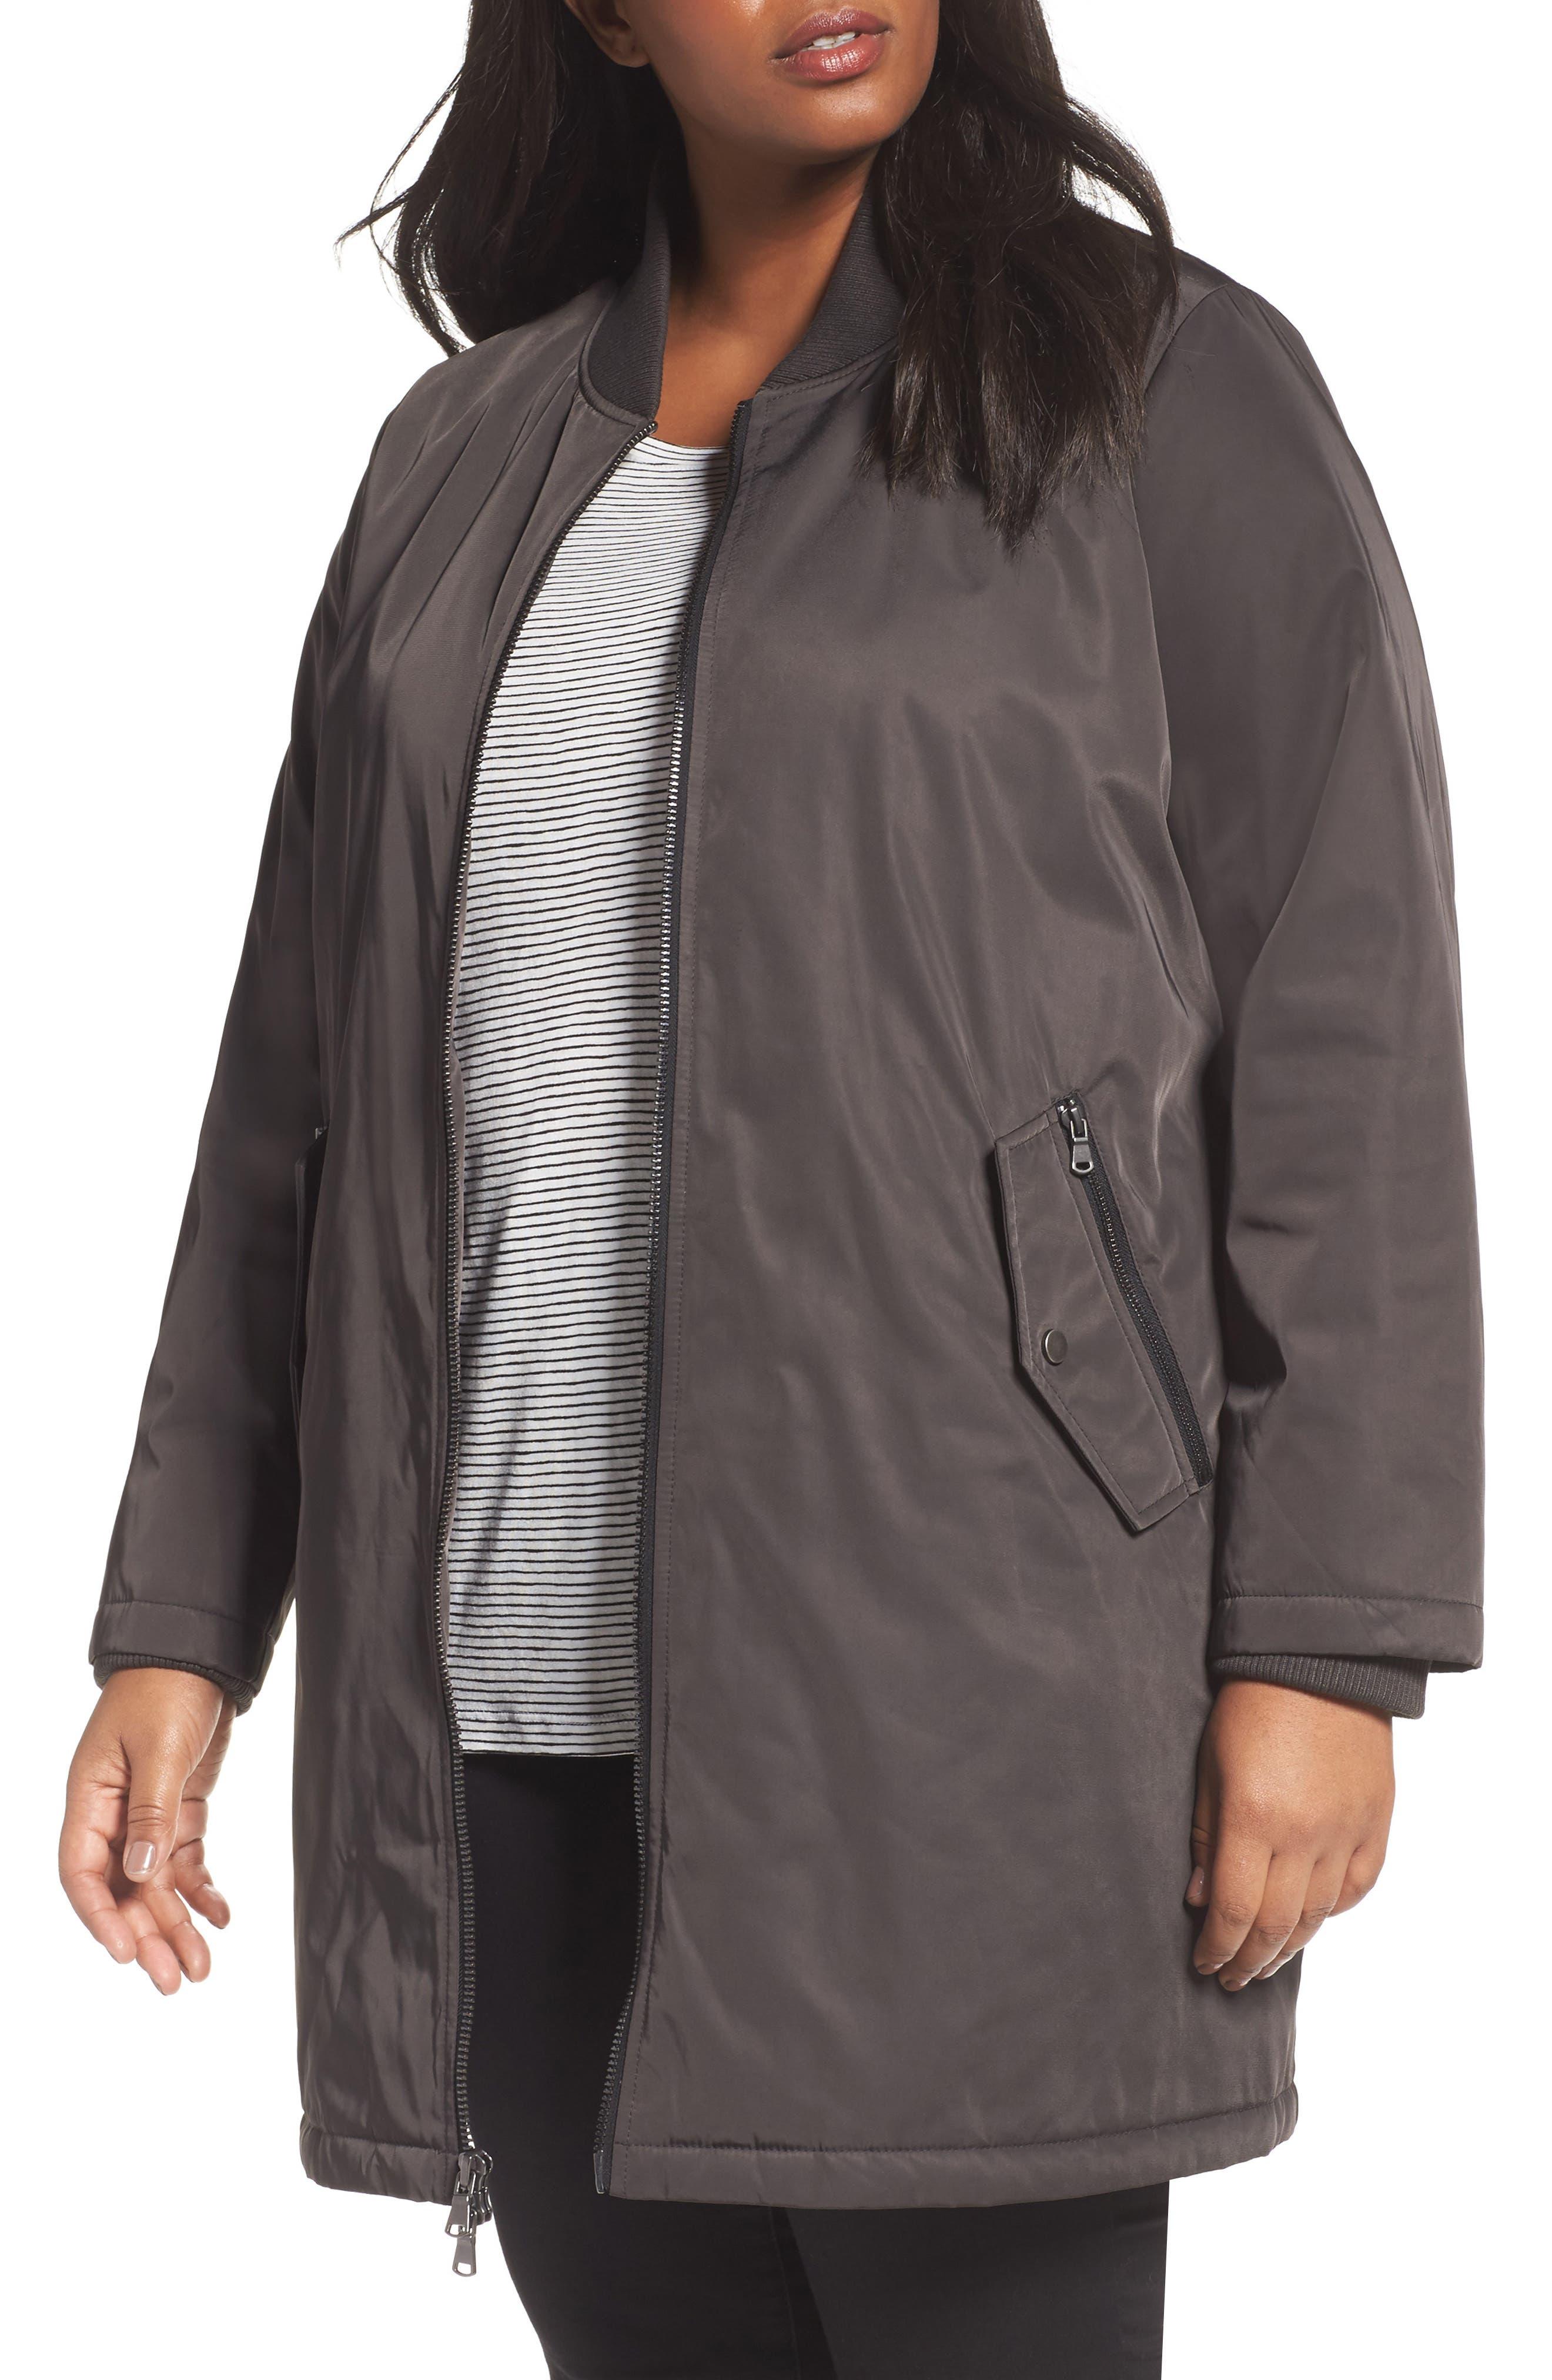 Main Image - Calson® Long Bomber Jacket (Plus Size)